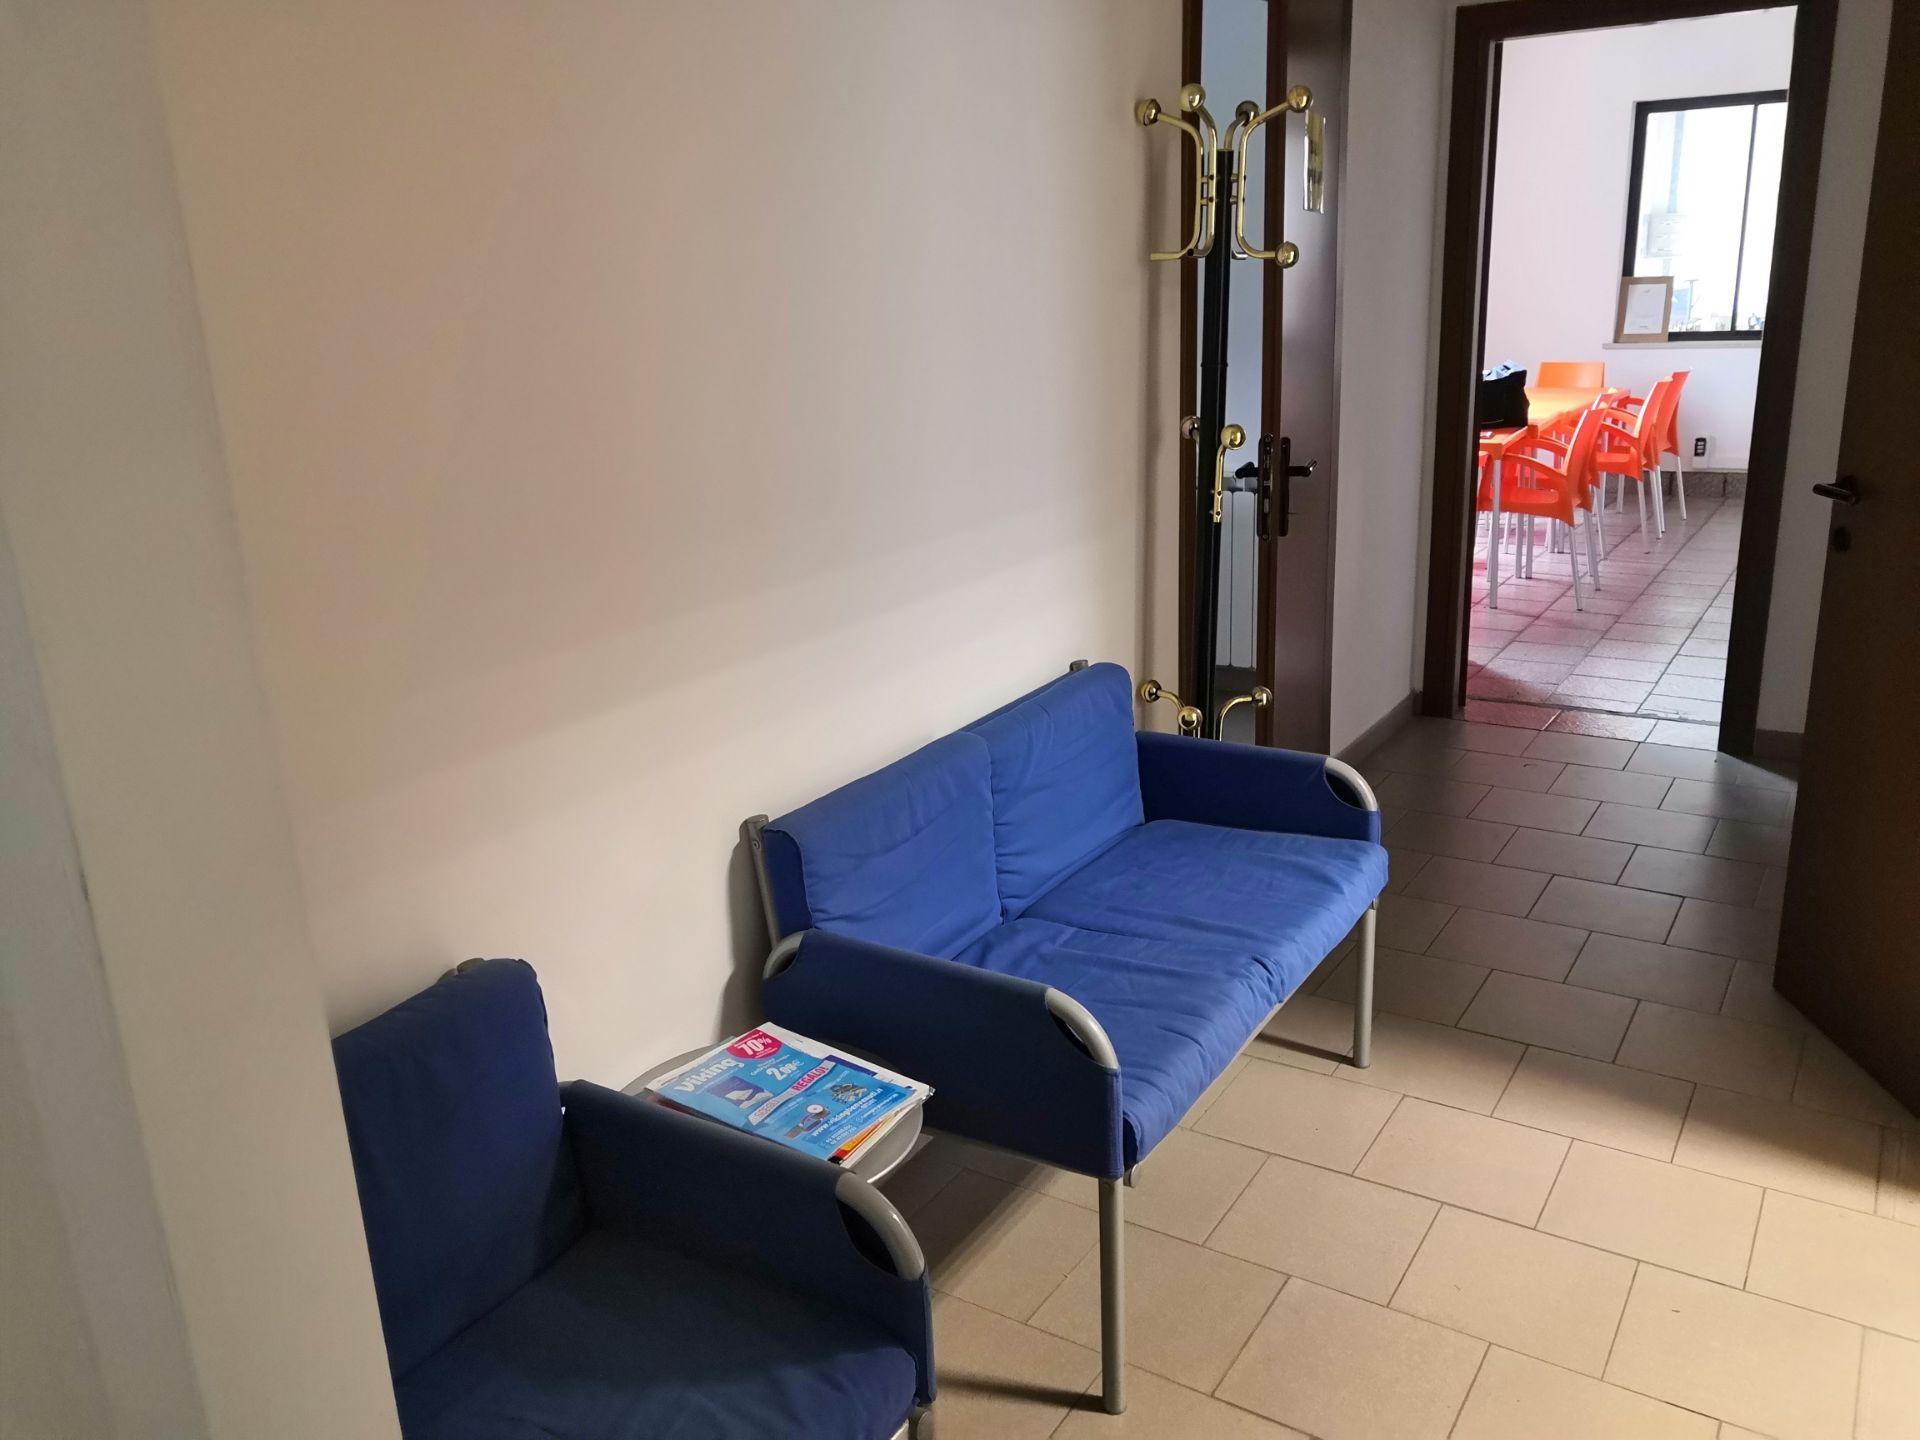 Lot 633 - N. 133 (FALLIMENTO N. 782) ARREDAMENTO RECEPTION: DIVANETTO A N.2 SEDUTE DI COLORE BLU, TAVOLINO